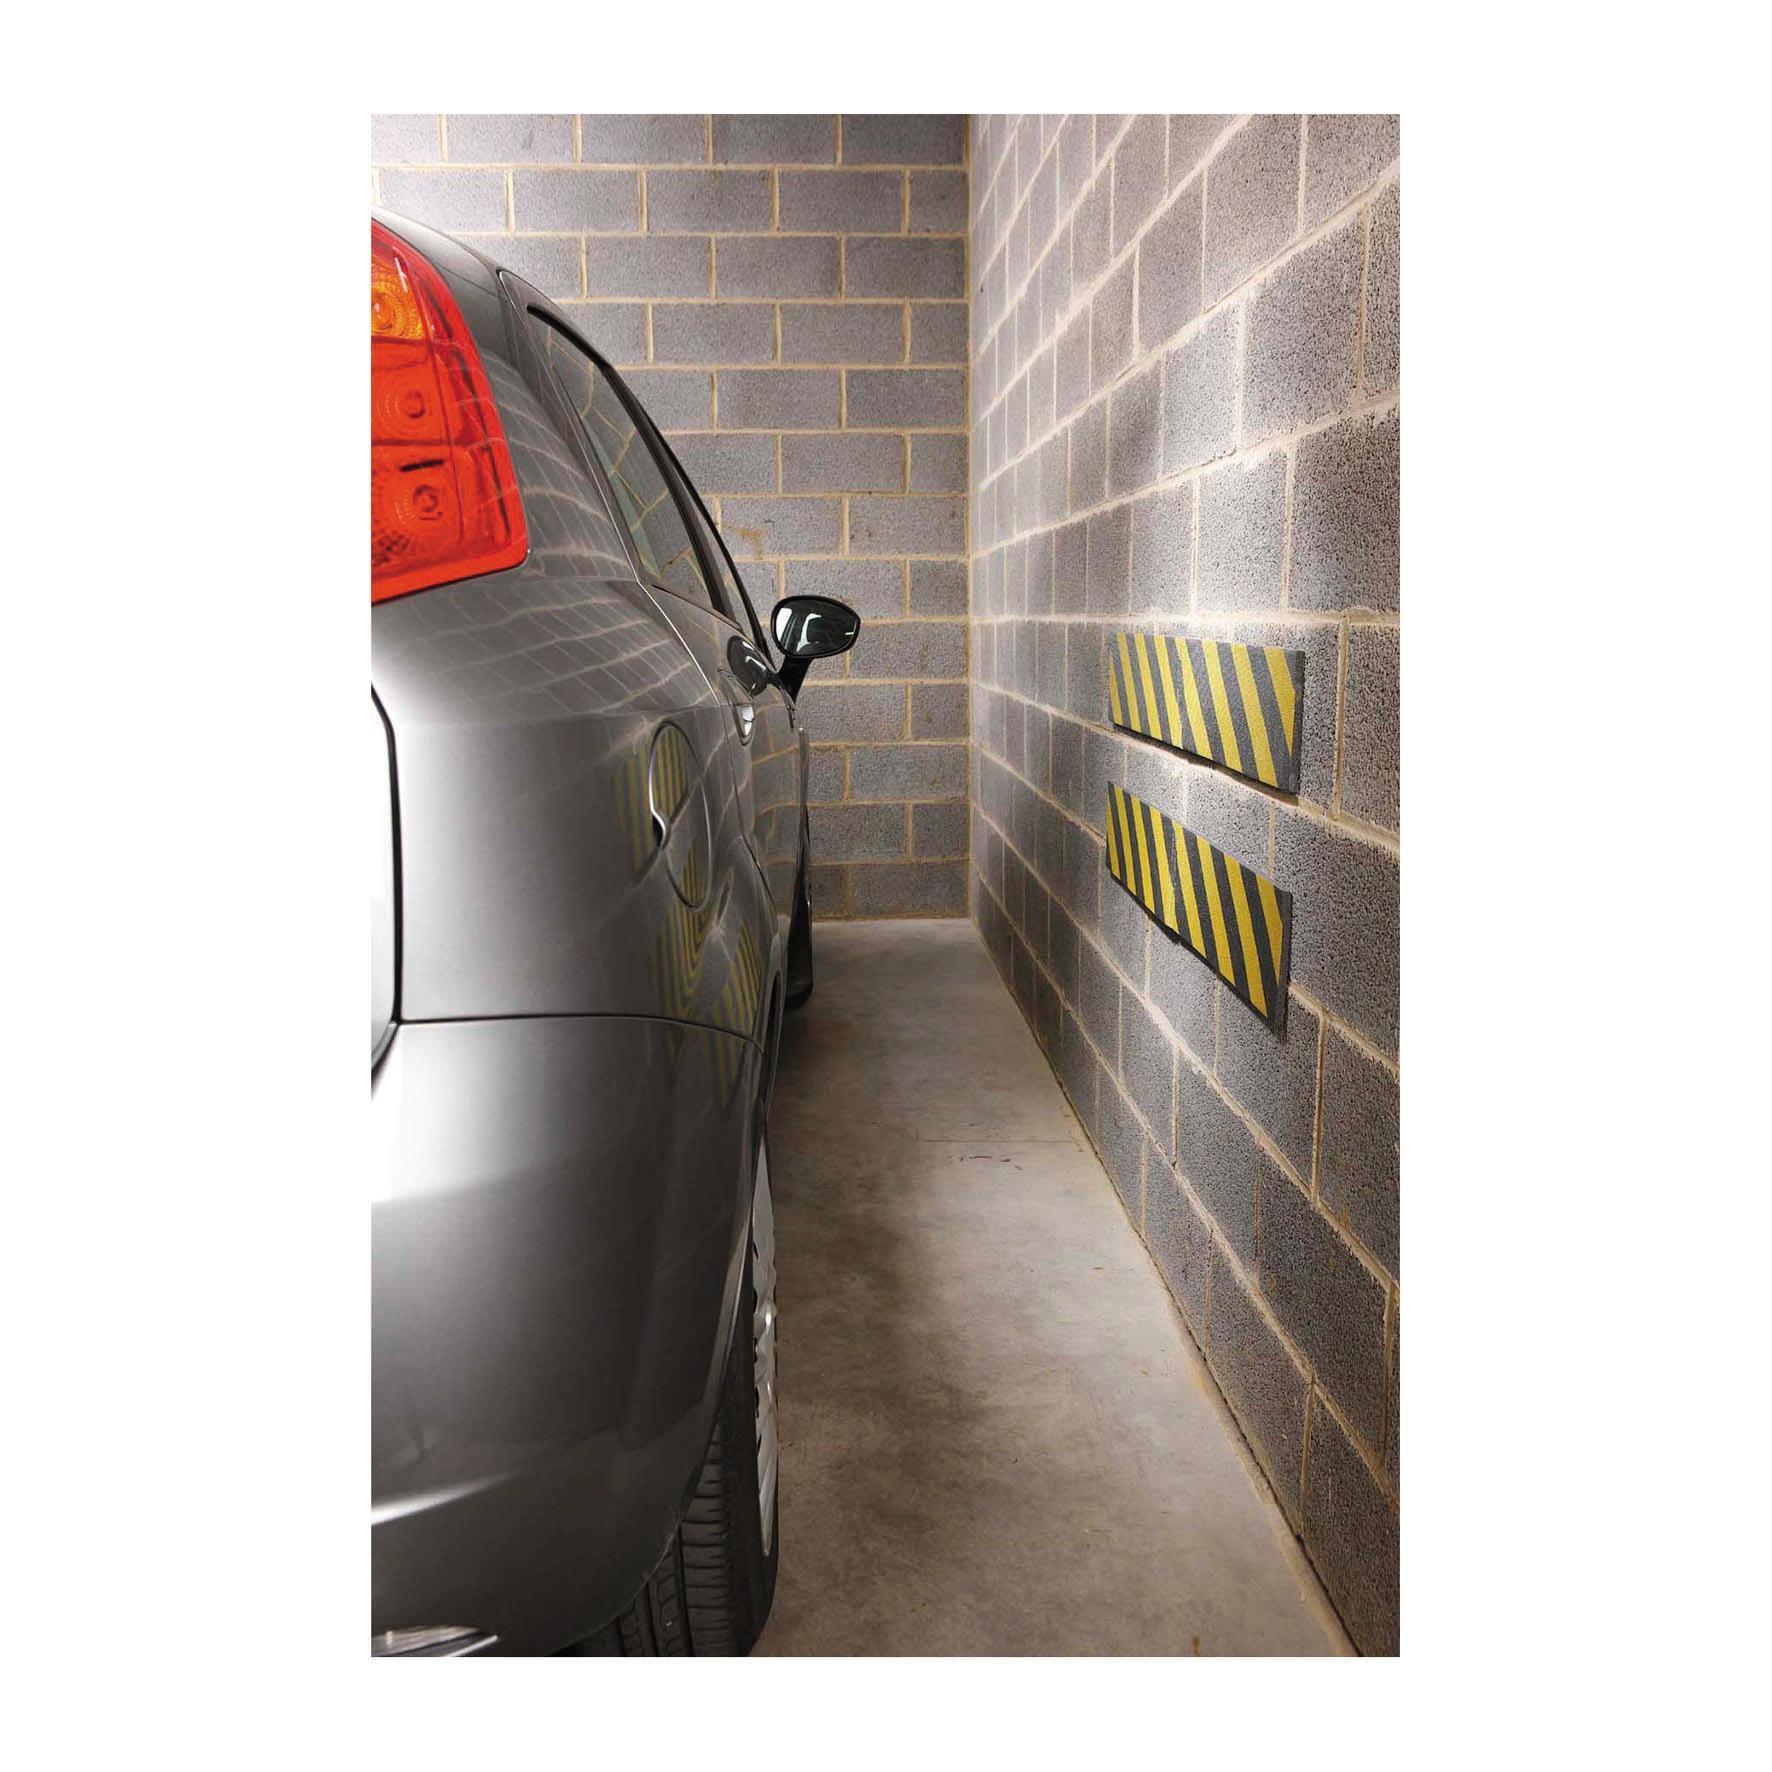 Protezione per garage in poliuretano L 100 x H 15 cm multicolore - 8